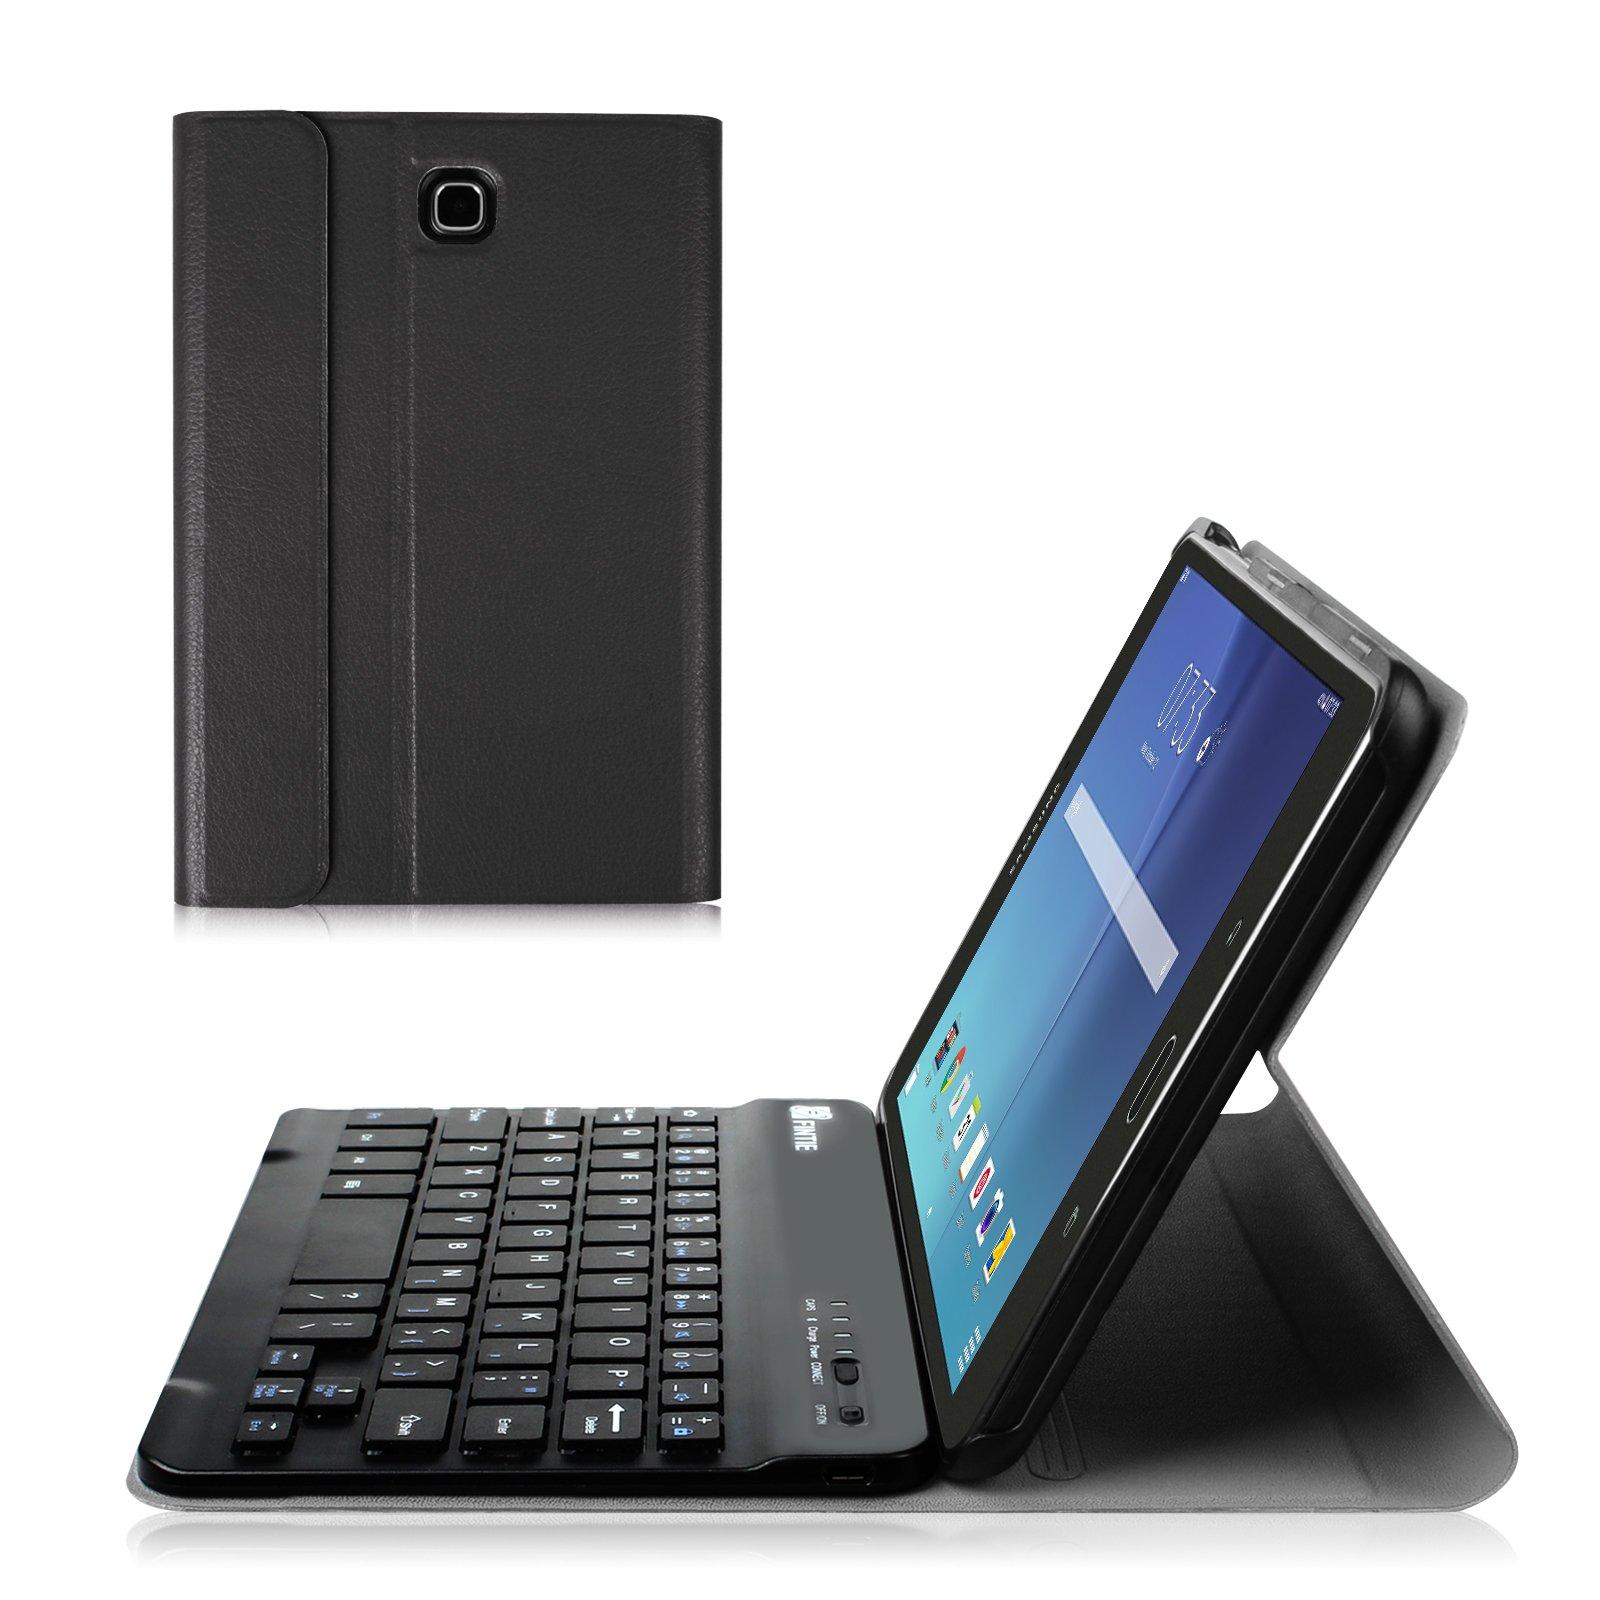 Funda + Teclado Galaxy Tab E 8.0 FINTIE [1LVXMNJT]